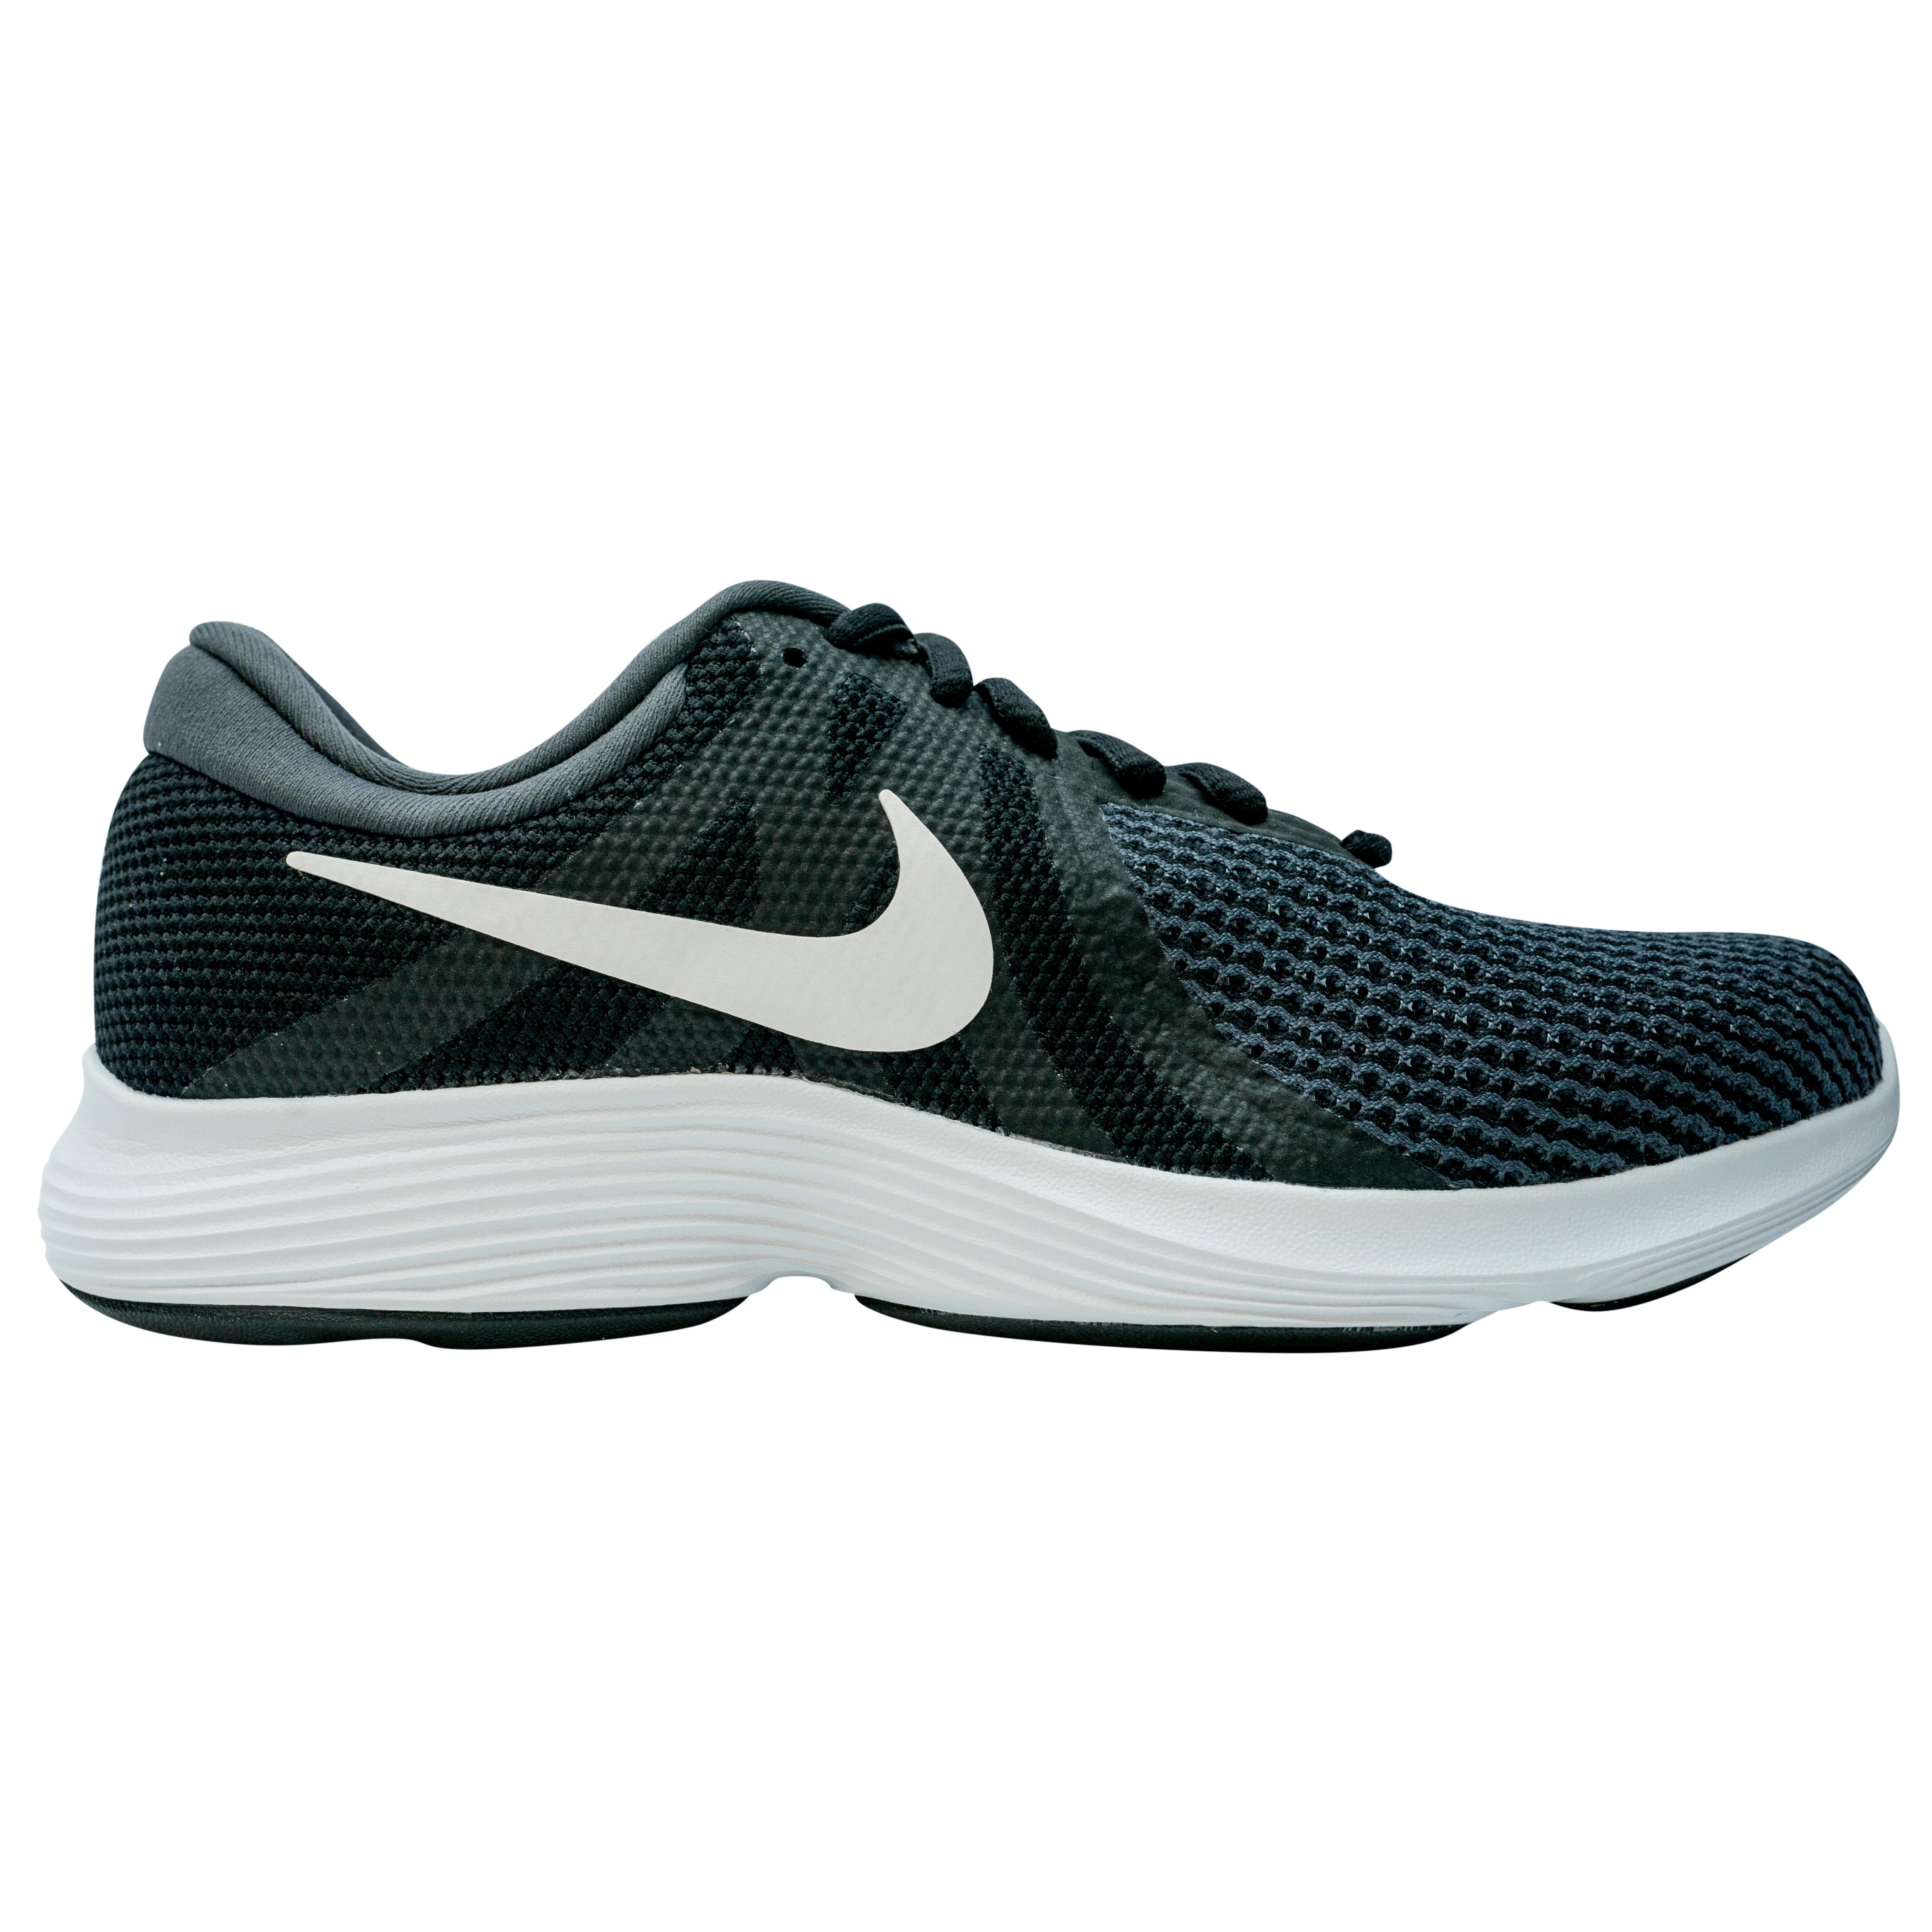 76f0647caaa Zapatillas de Marcha Deportiva Nike Revolution 4 mujer negro, gris y blanco  Nike | Decathlon